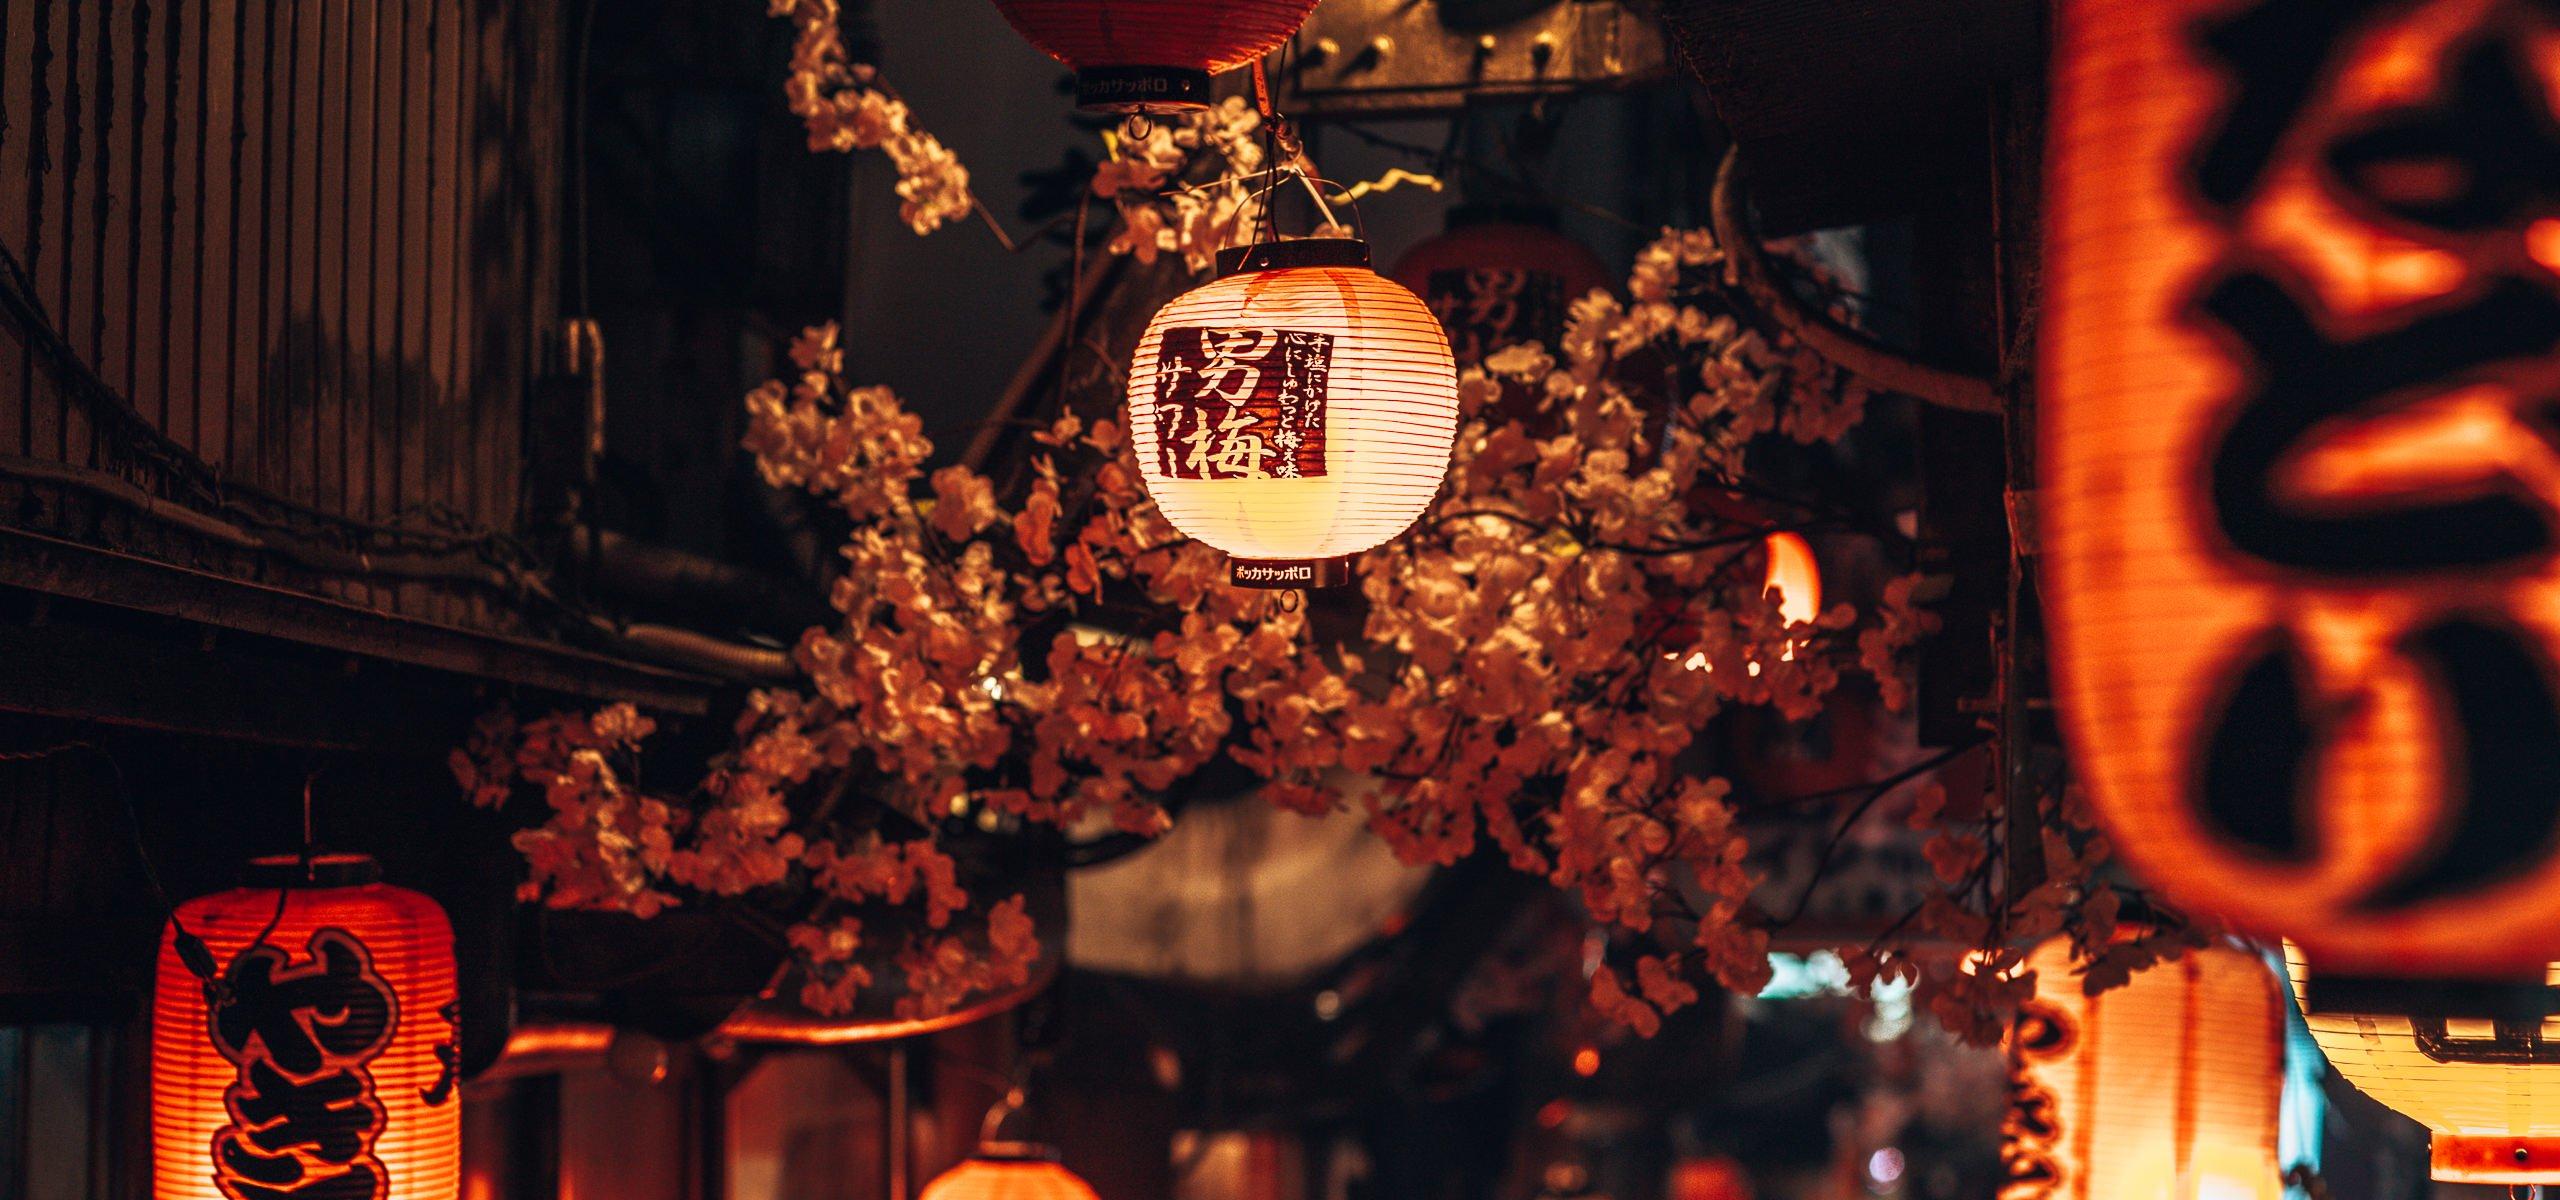 Glow of lanterns at night in Shinjuku Tokyo